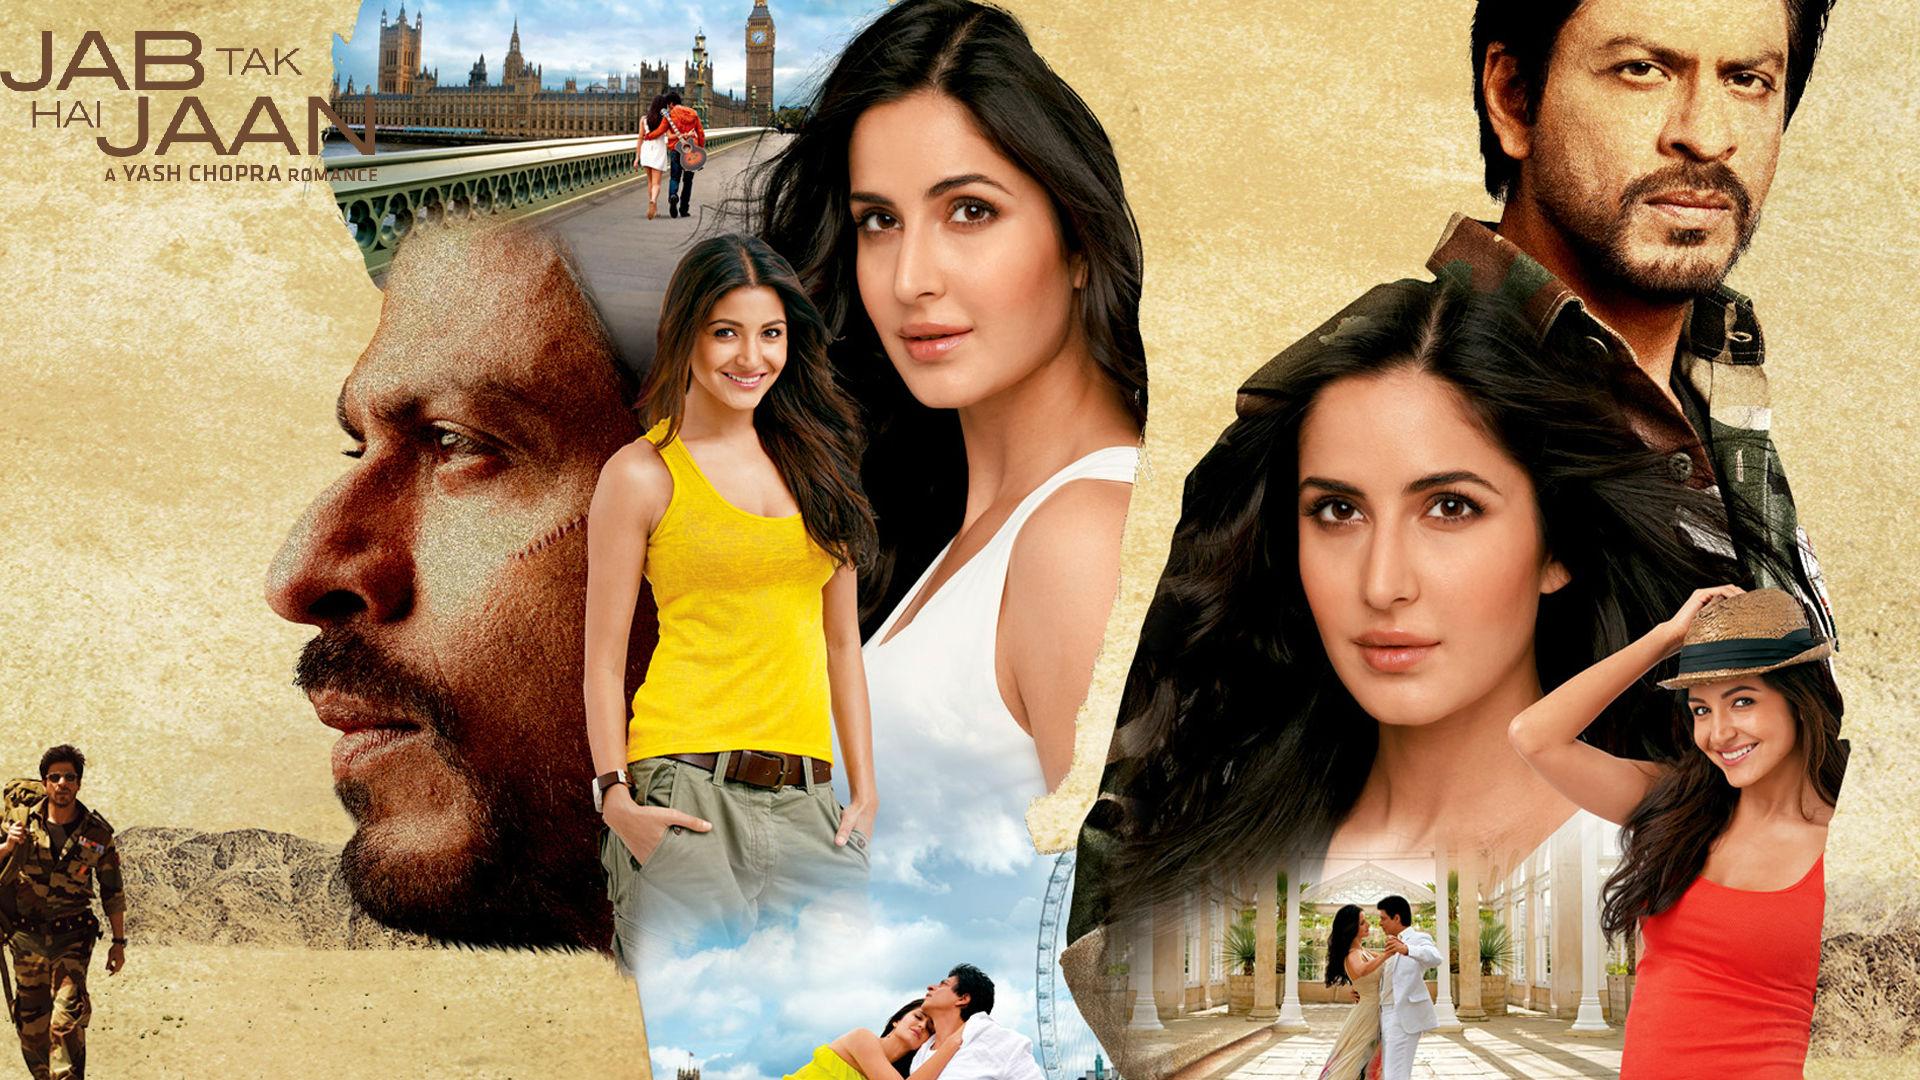 Jab Tak Hai Jaan - Katrina Kaif Wallpaper (32746329) - Fanpop